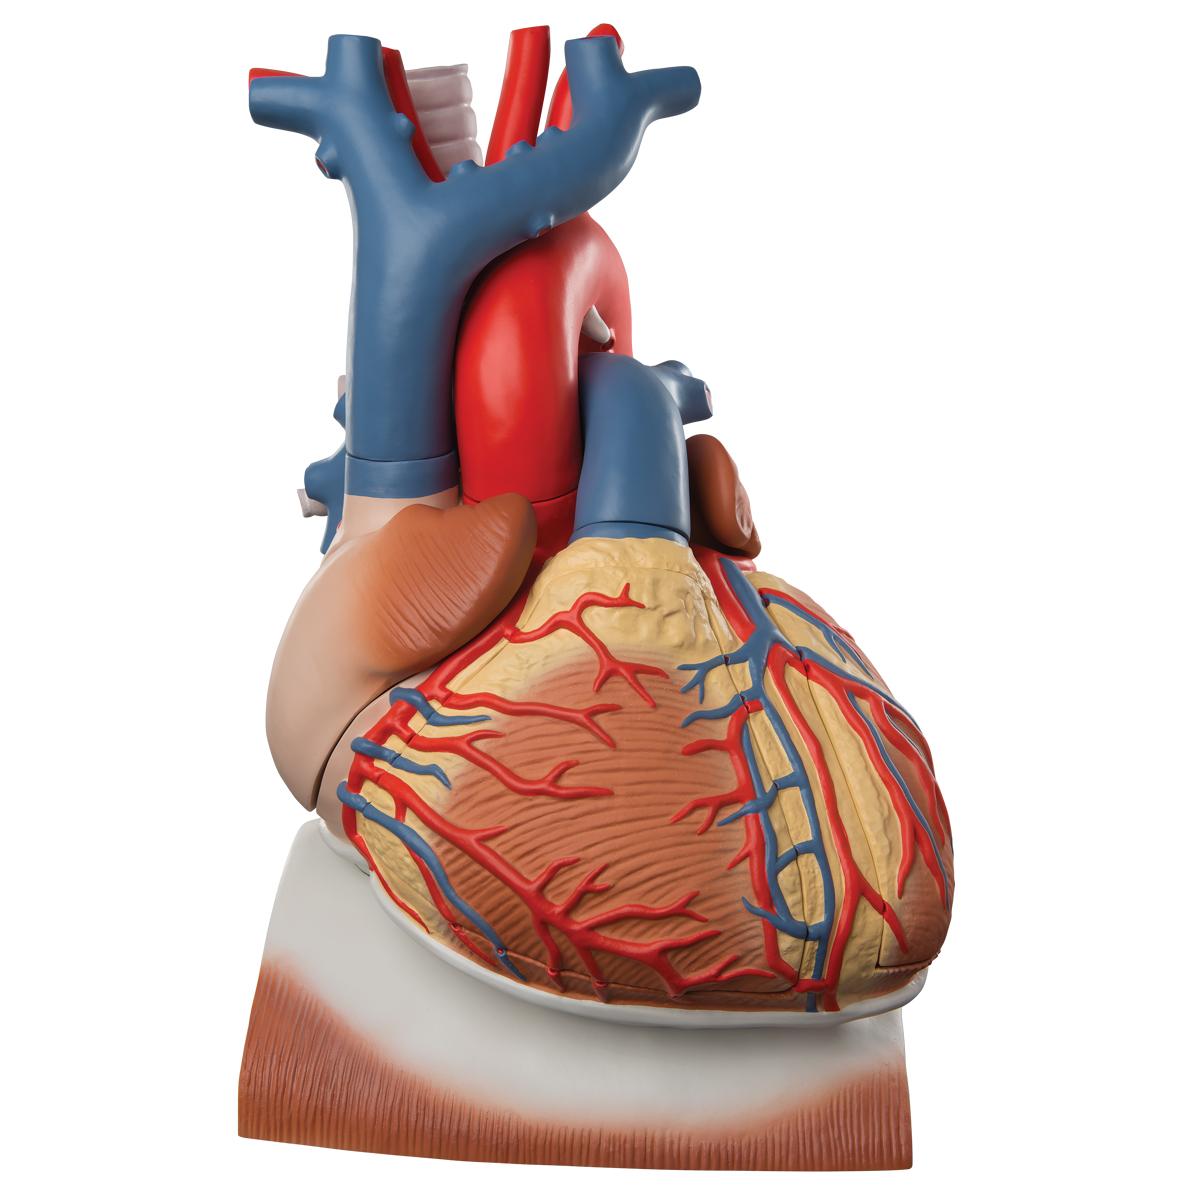 Herz auf Zwerchfell, 3-fache Größe, 10-teilig - 1008547 - VD251 ...